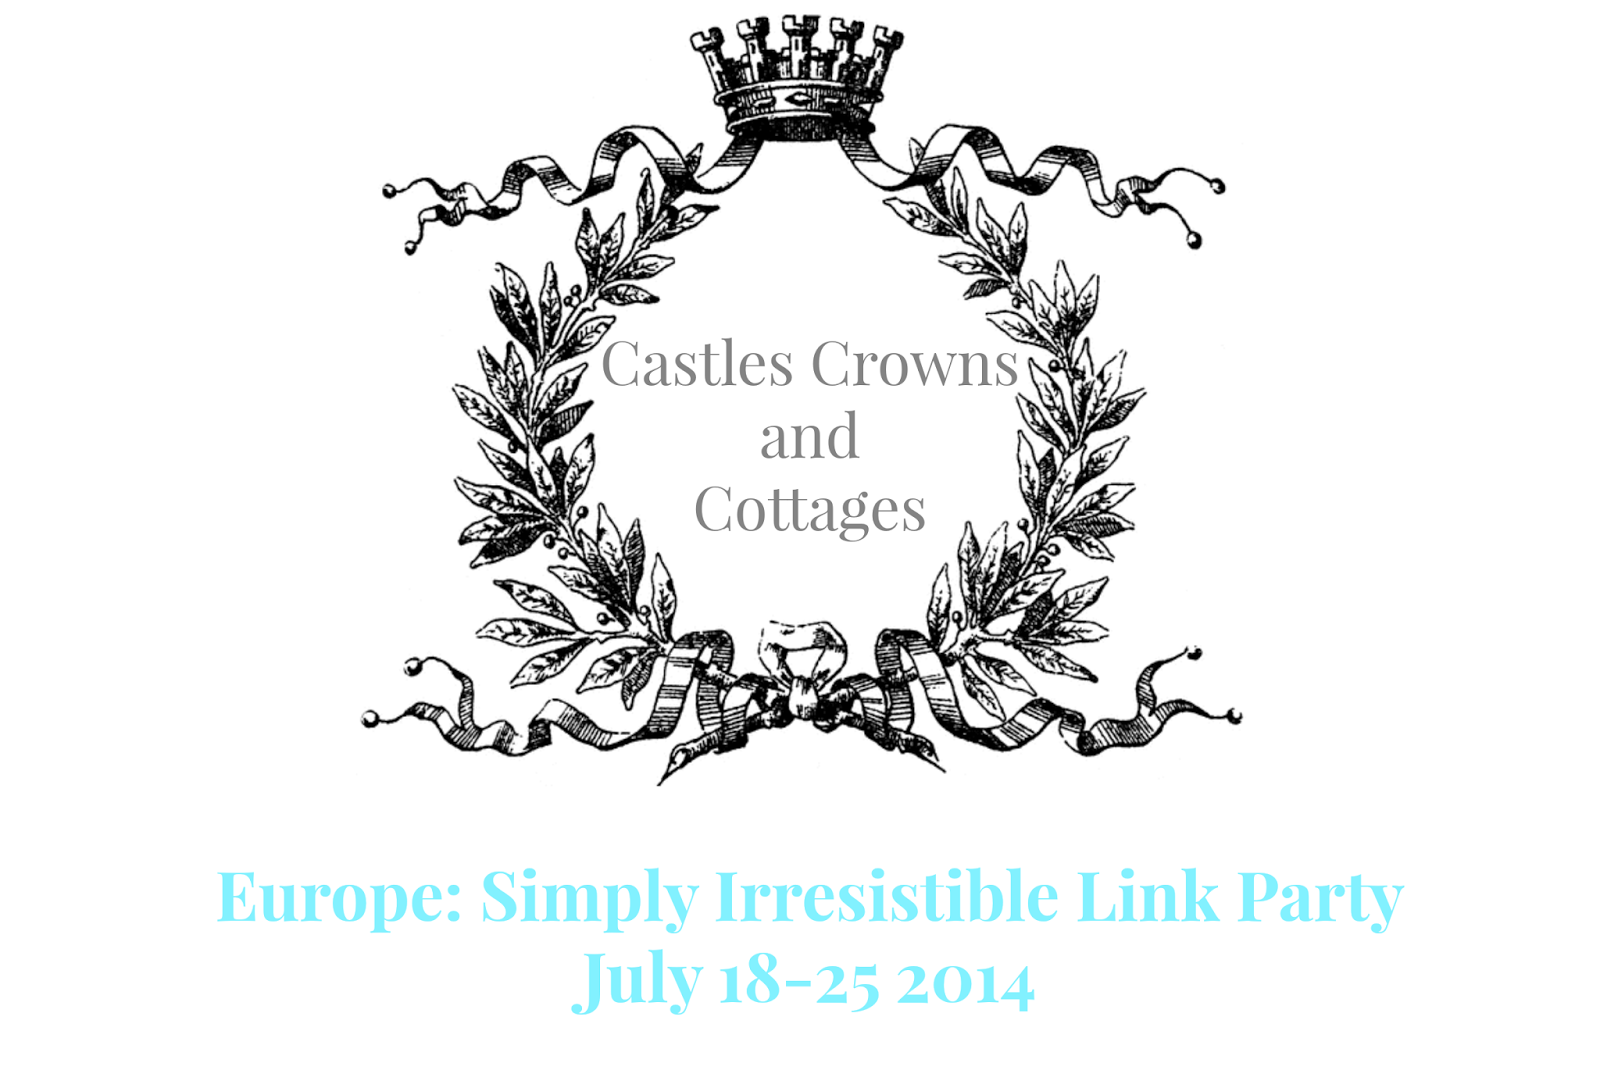 http://wwwcastlescrownscottages.blogspot.com/